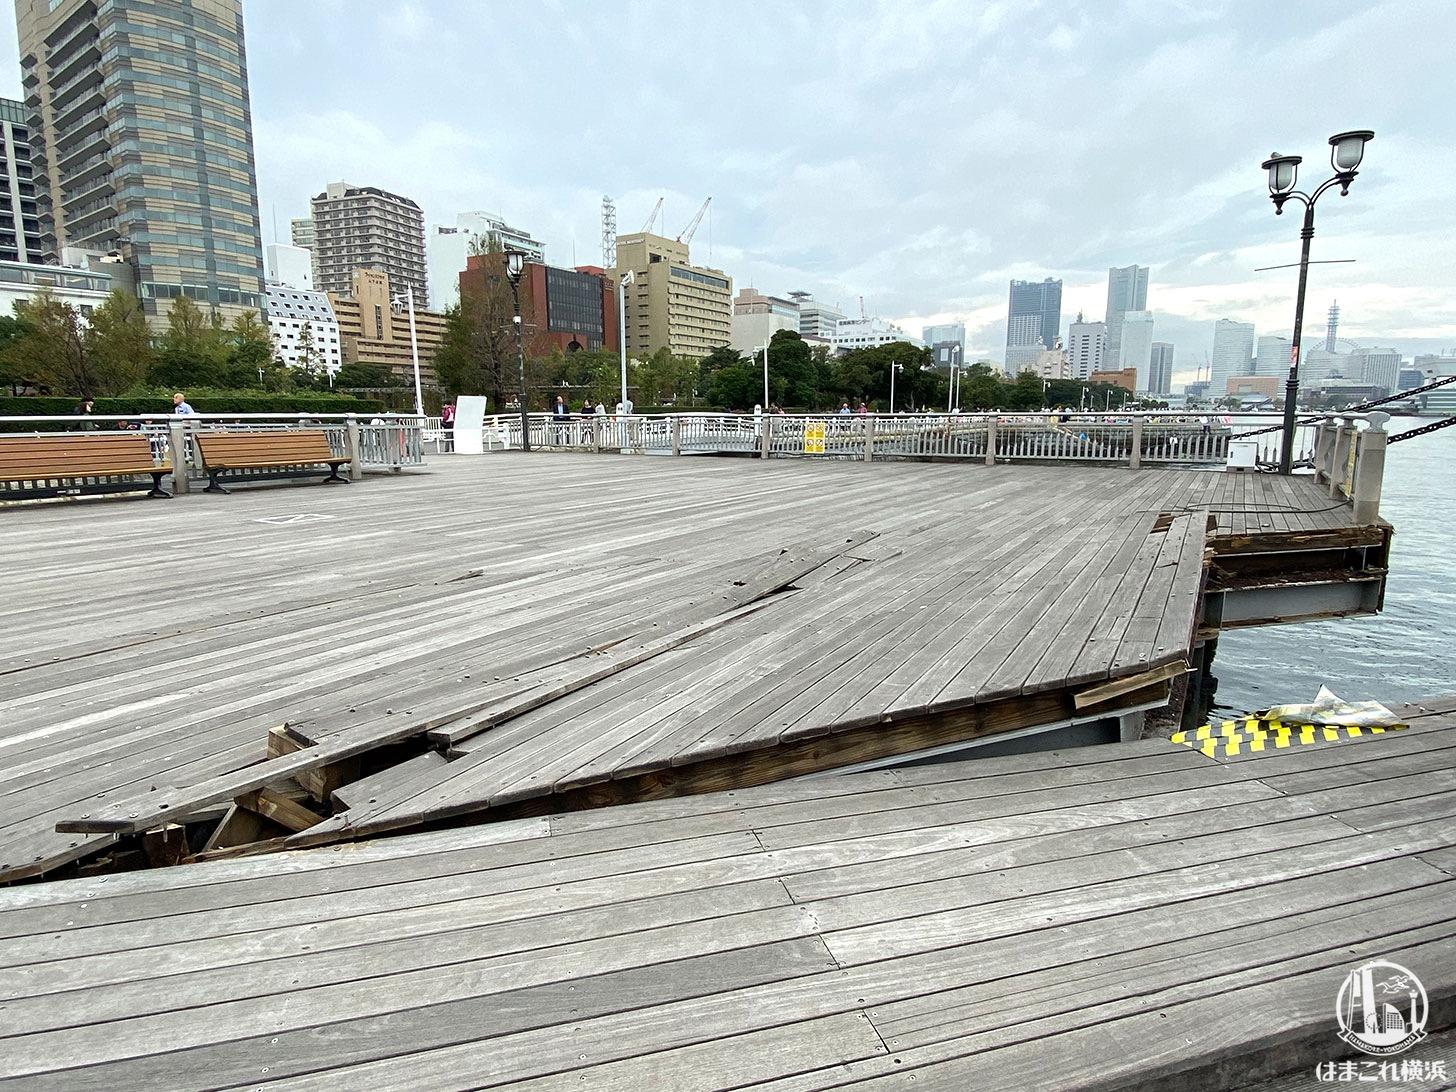 台風19号で被害を受けた氷川丸前 めくれたデッキ